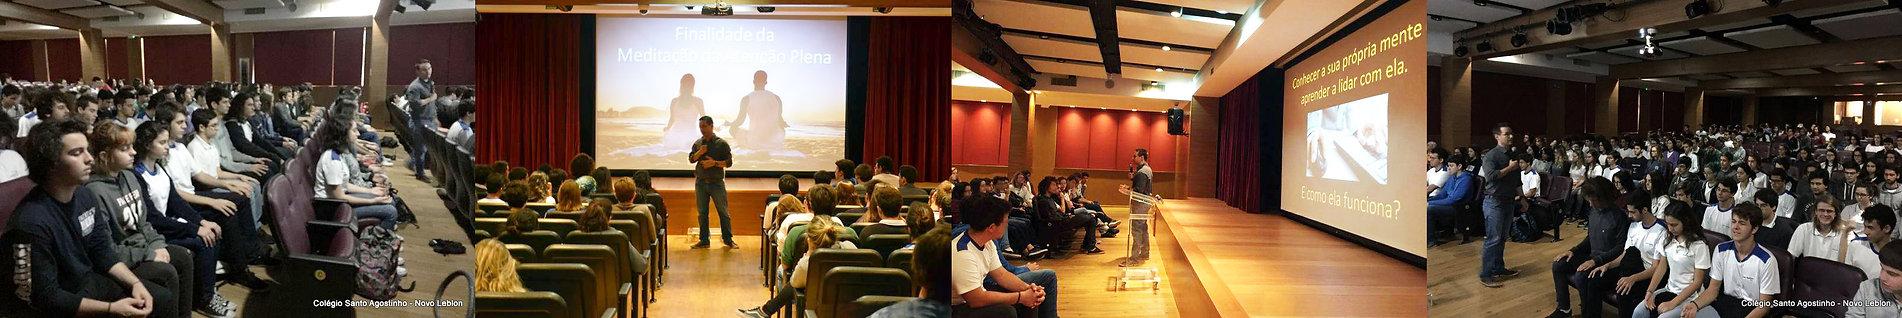 CSA Colagem de 4 fotos.jpg